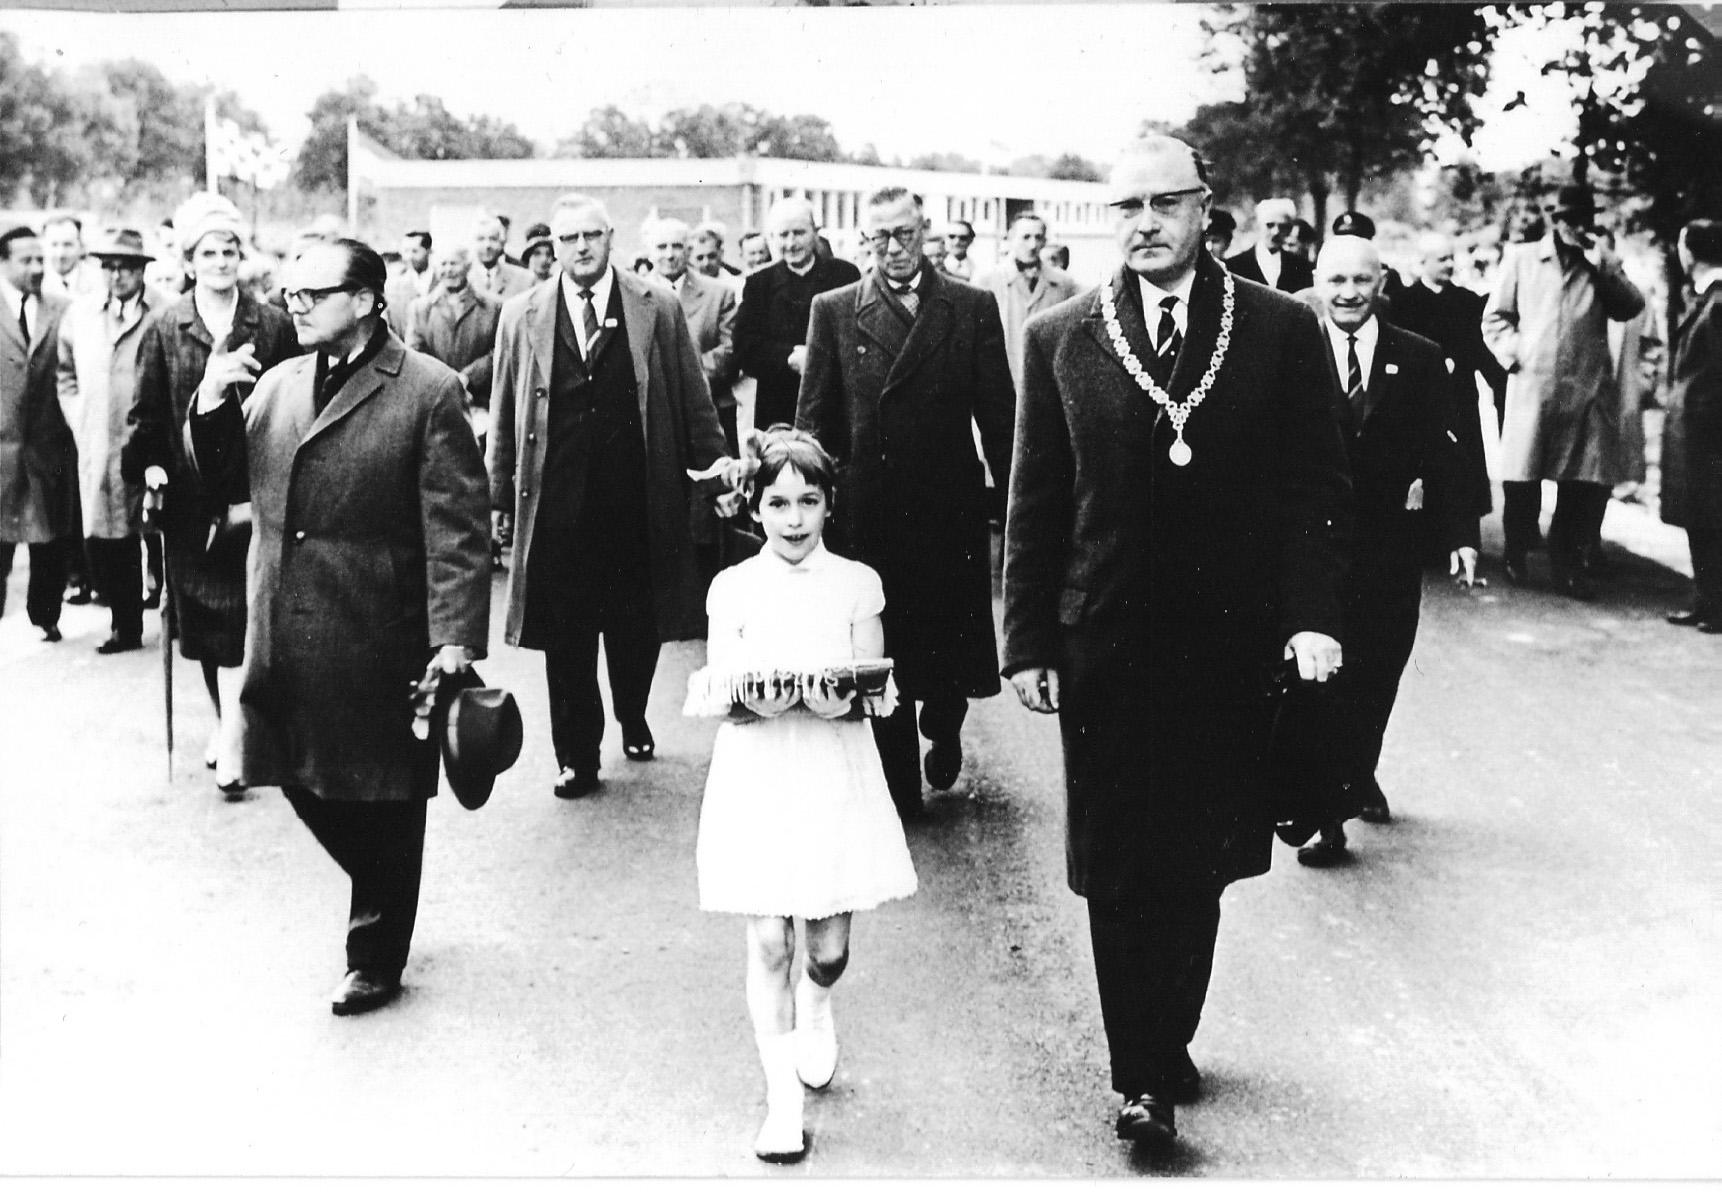 1961 11 mei Burgemeester Kamerbeek opent sportpark Zegenwerp,